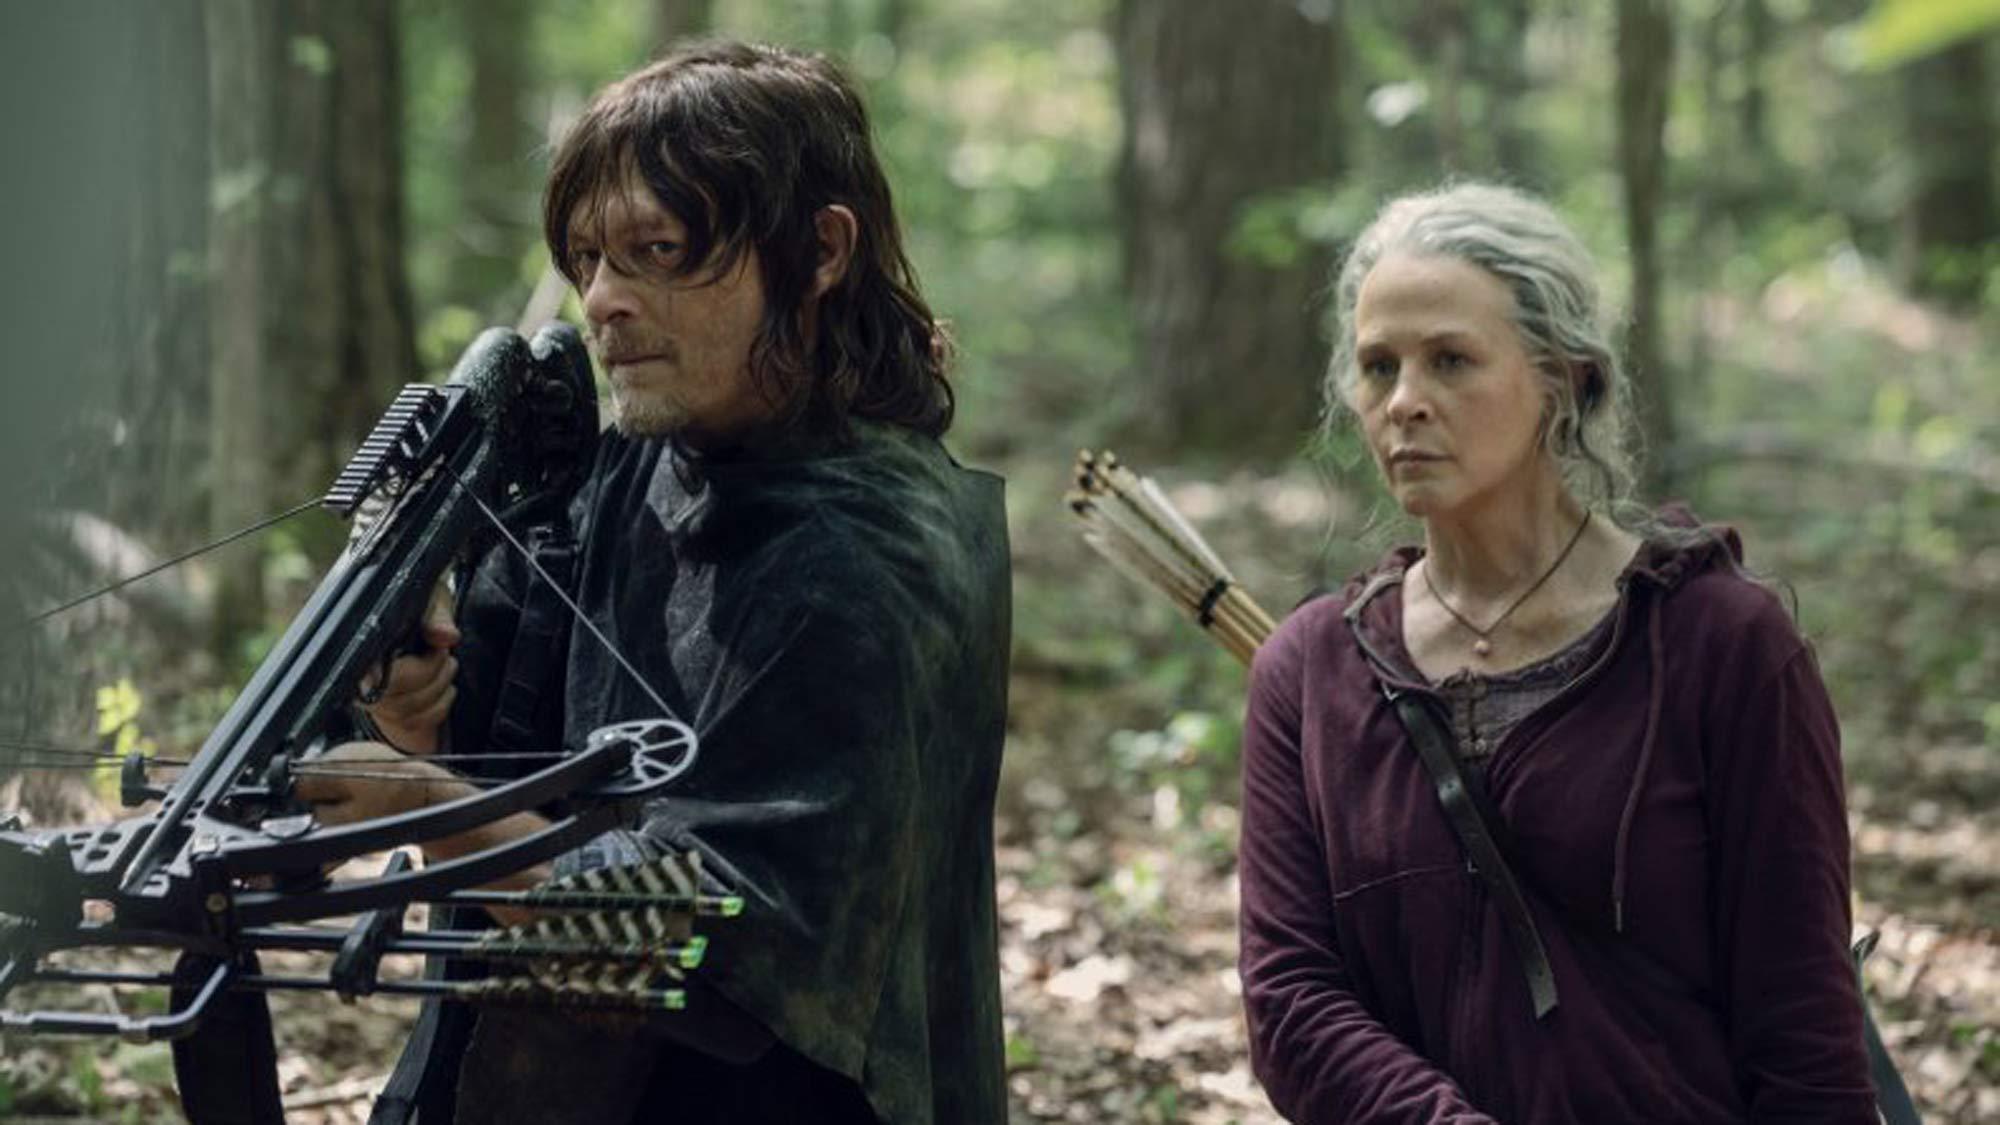 فصل یازدهم The Walking Dead بزودی منتشر می شود، فصلی که فصل پایانی سریال بوده و از 24 اپیزود تشکیل شده است